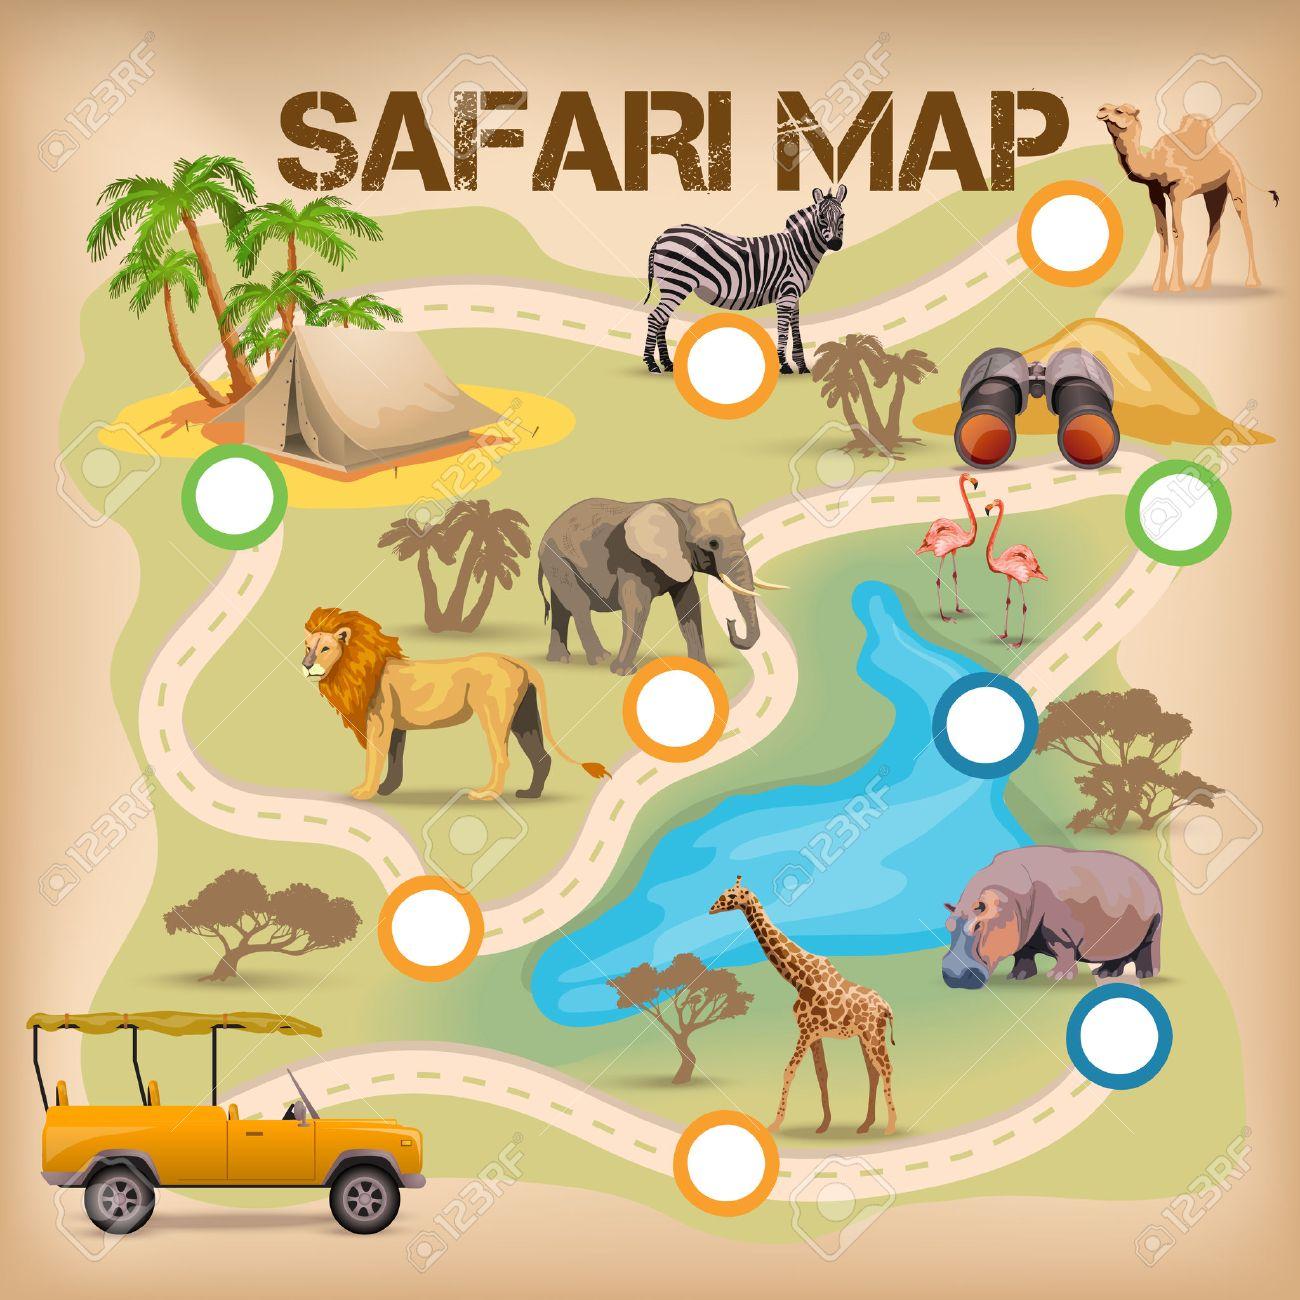 Cartel Para El Juego Con El Mapa De Safari Y Africa Animales Iconos Iracion Vectorial Aislado